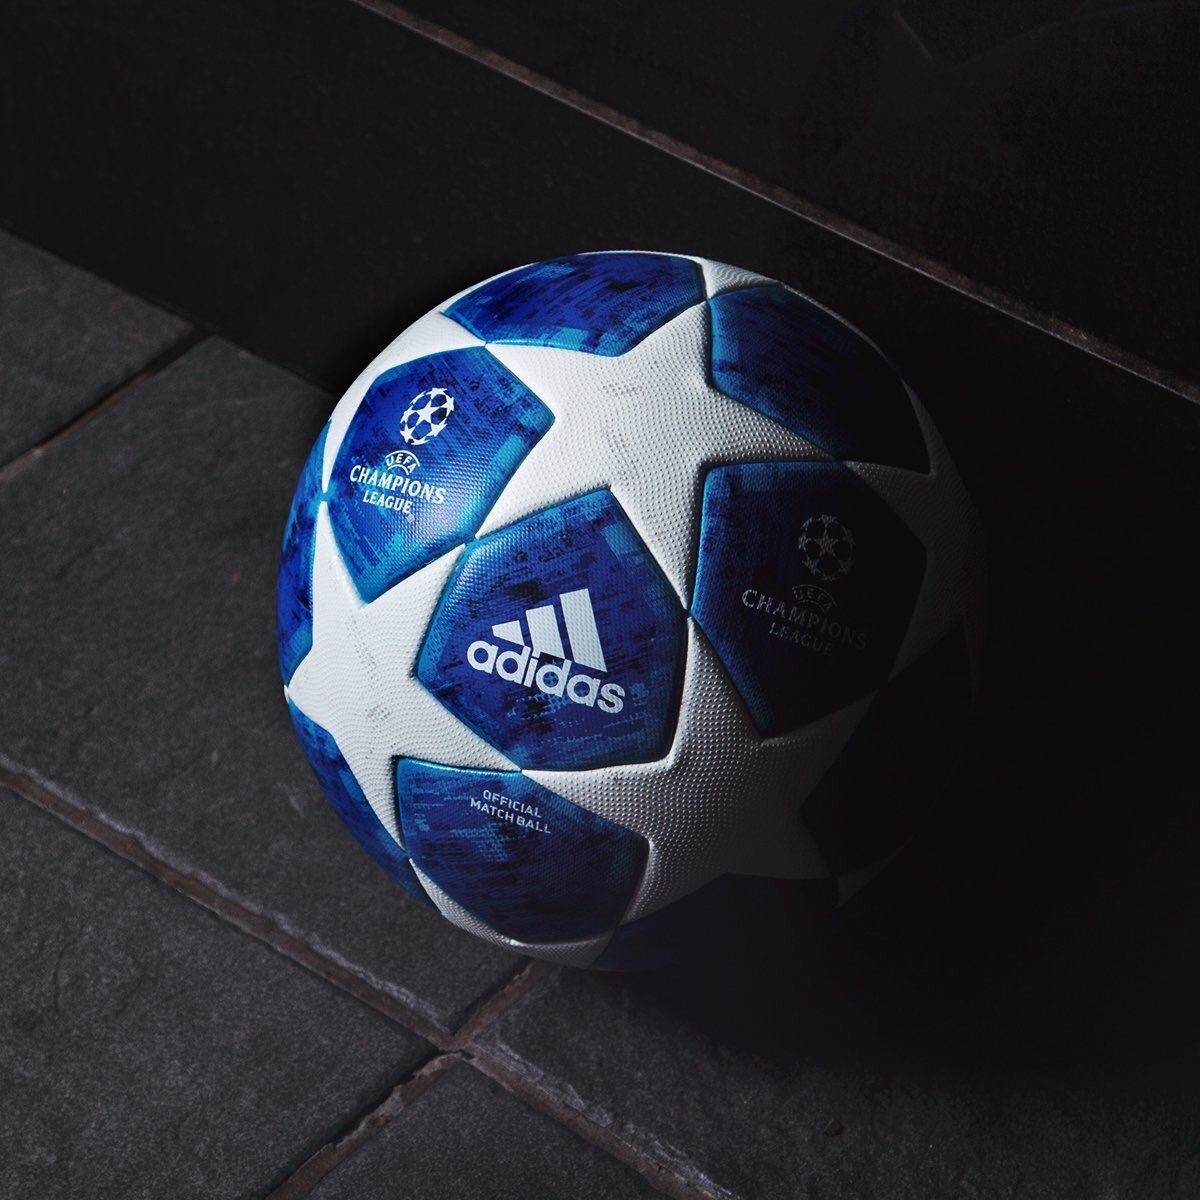 Nouveau look pour le ballon de la Ligue des Champions 2018/19. 😍